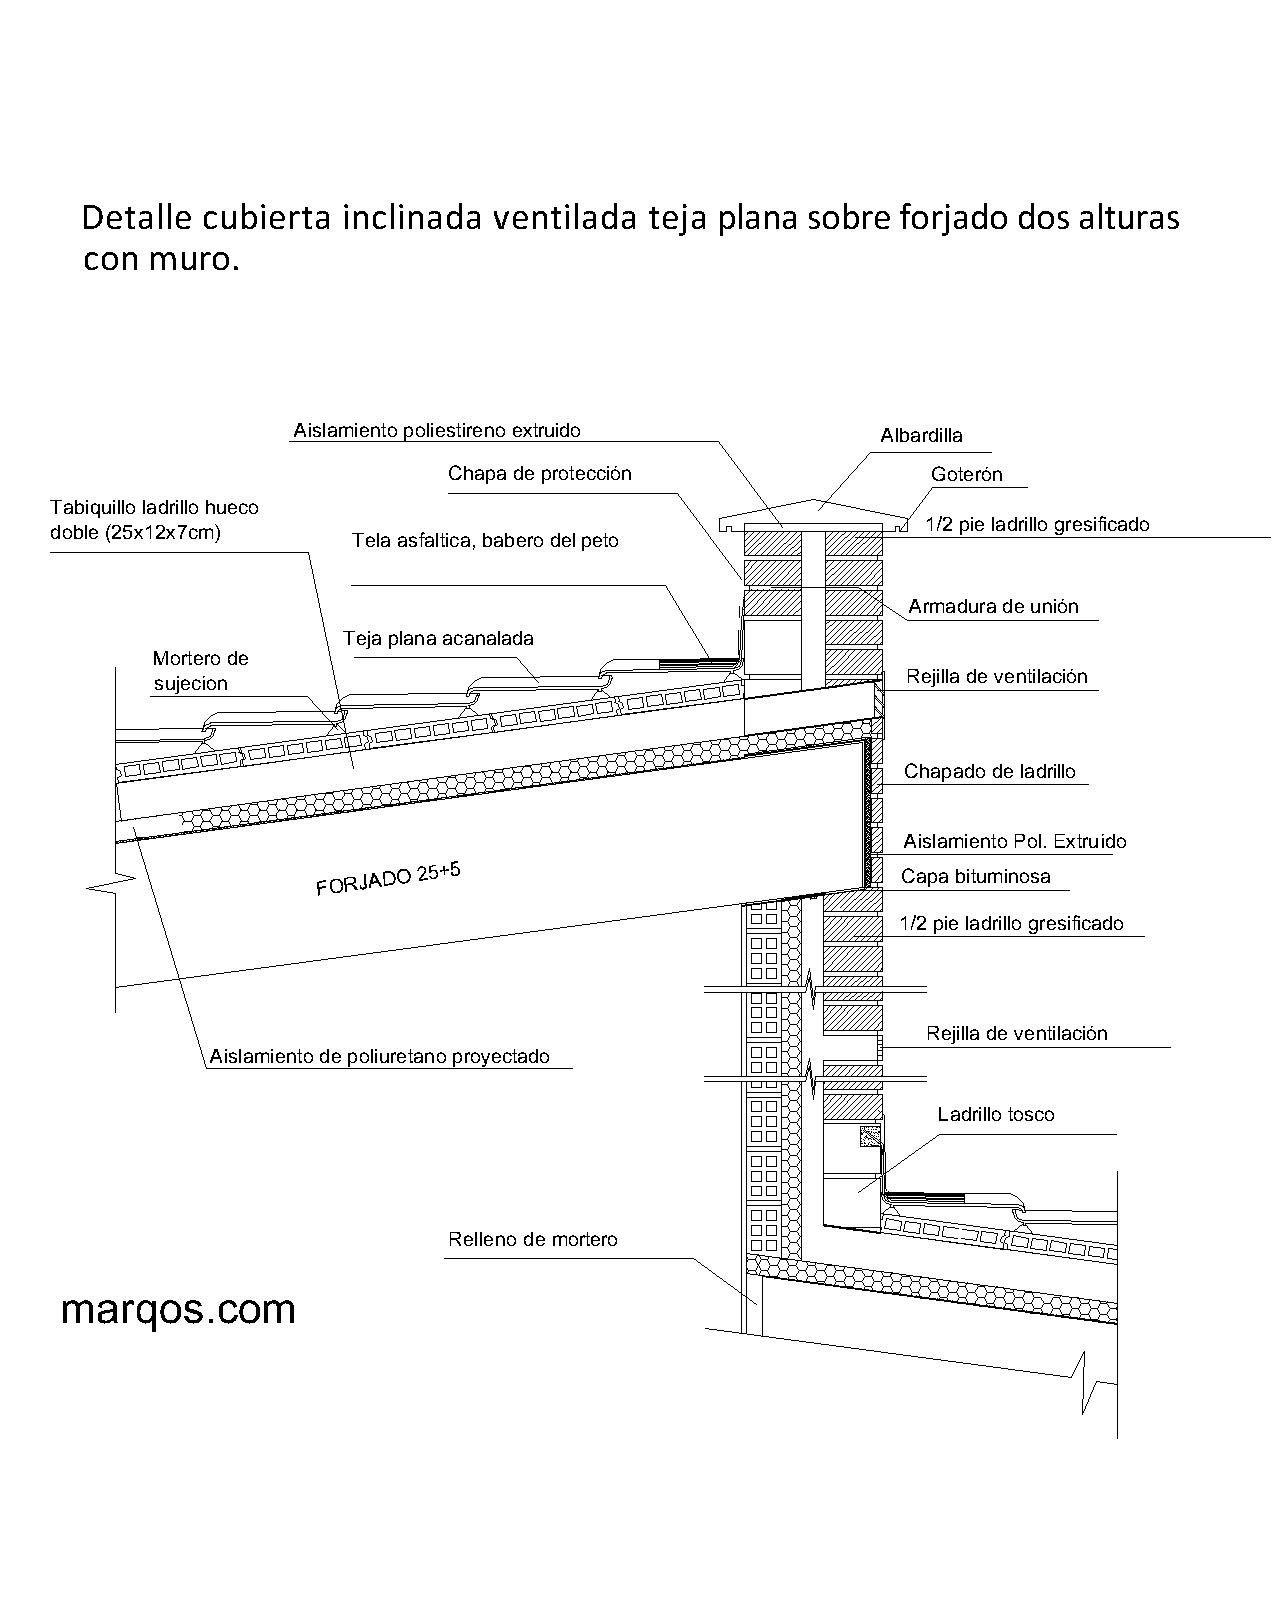 Cub12 Jpg 1280 1600 Detalles Constructivos Cubierta